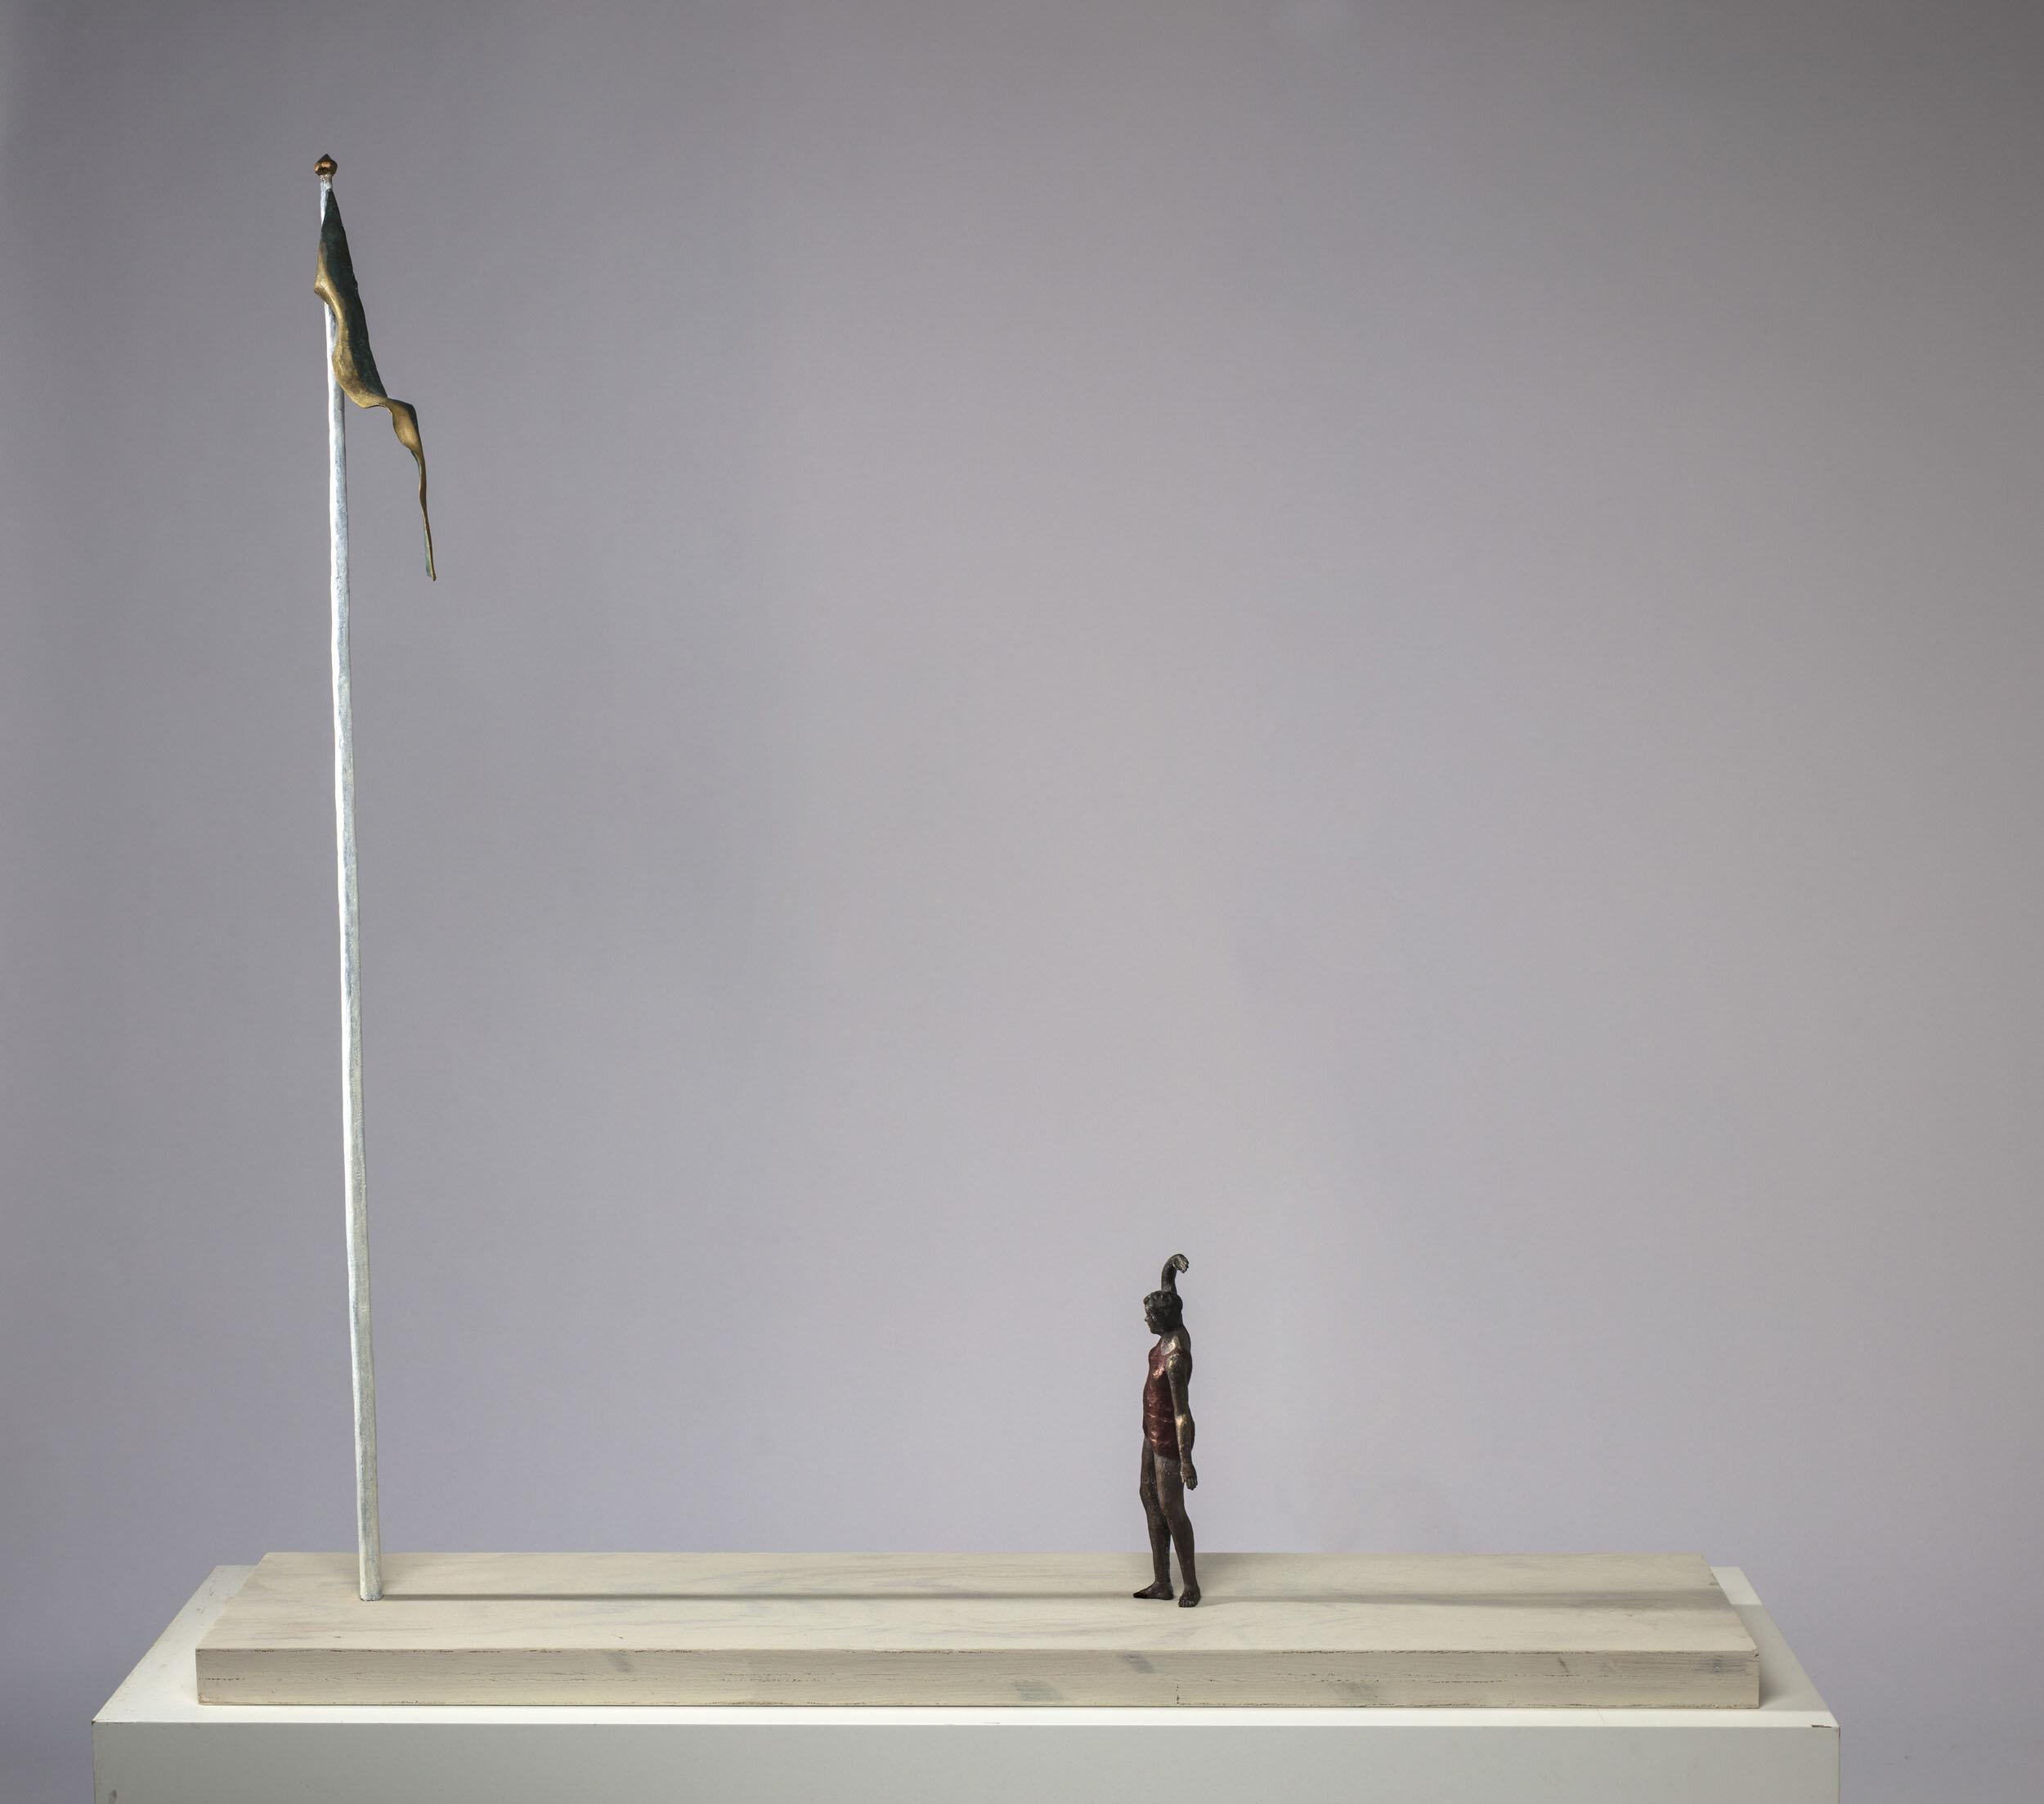 Linnéa Jörpeland   I sinom tid  2009 Signerad och daterad, numrerad 1/5 undertill Skulptur, trä och brons  100 x 100 x 22 cm